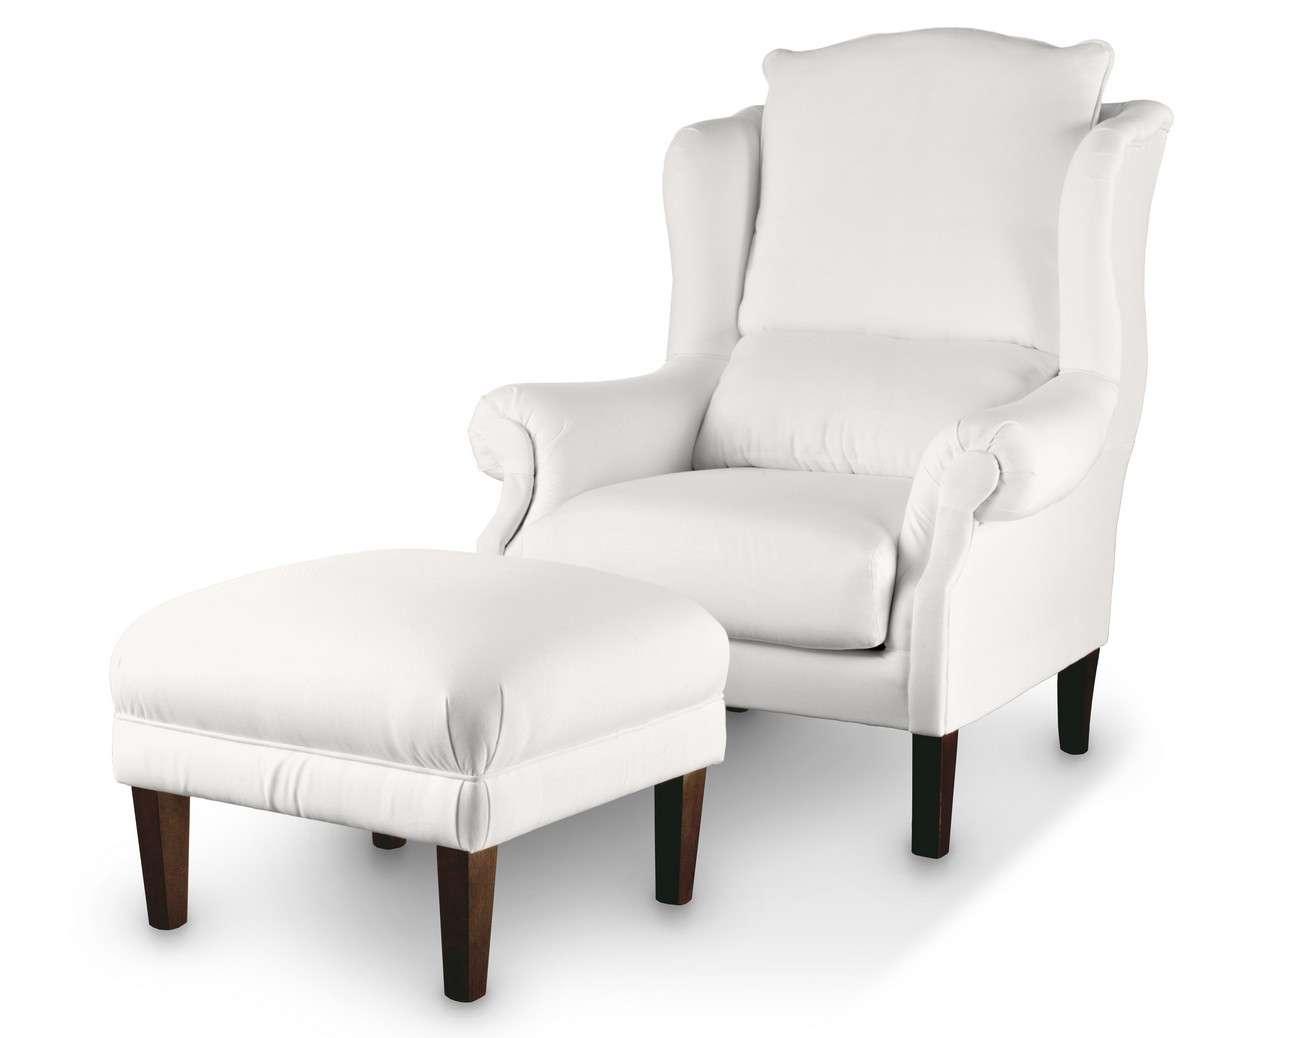 Dekoria fotelio pakojis-pufas 56 x 56 x 40 cm kolekcijoje Cotton Panama, audinys: 702-34